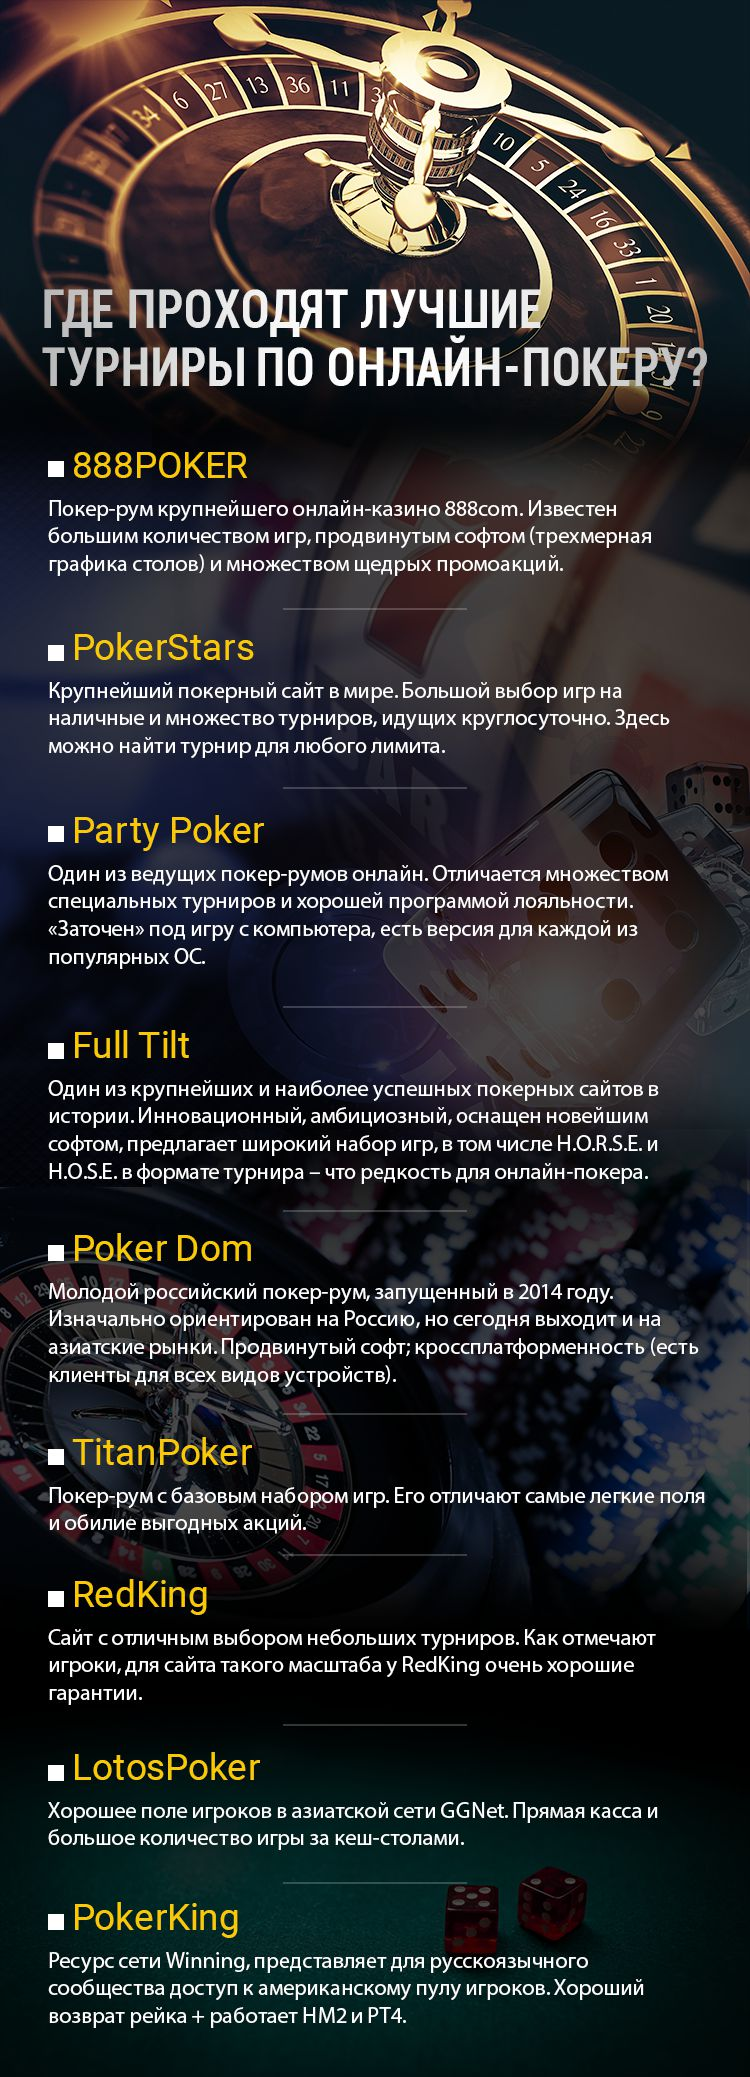 RGW Moscow: Turniryi po pokeru onlayn: entsiklopediya vidov igryi i krupnyih poker-rumov 2